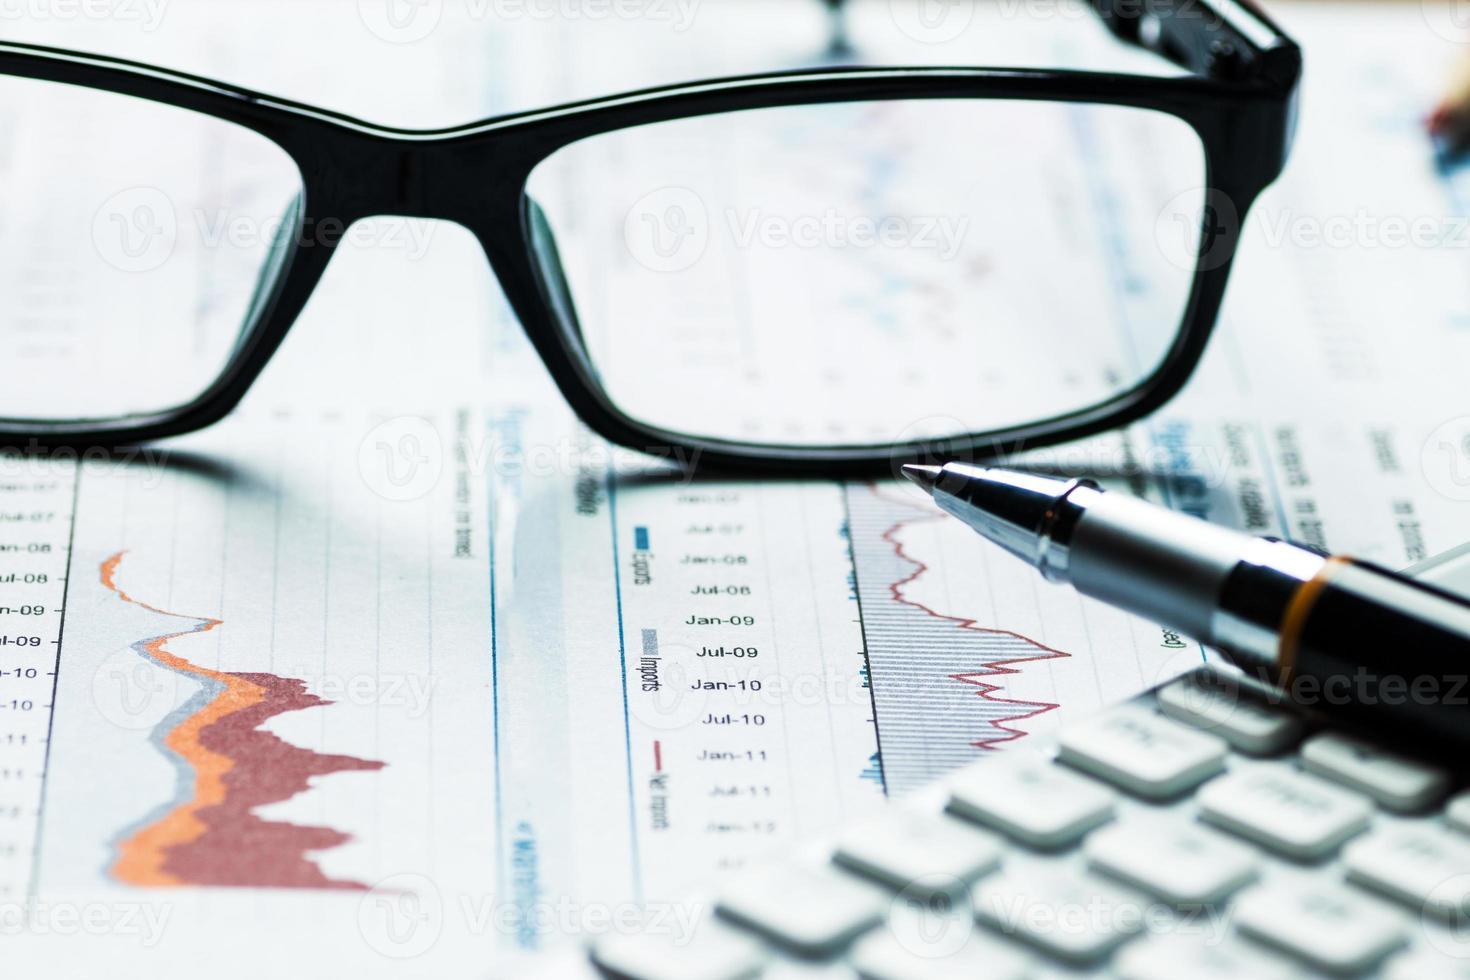 análisis contables y gráficos de contabilidad financiera foto